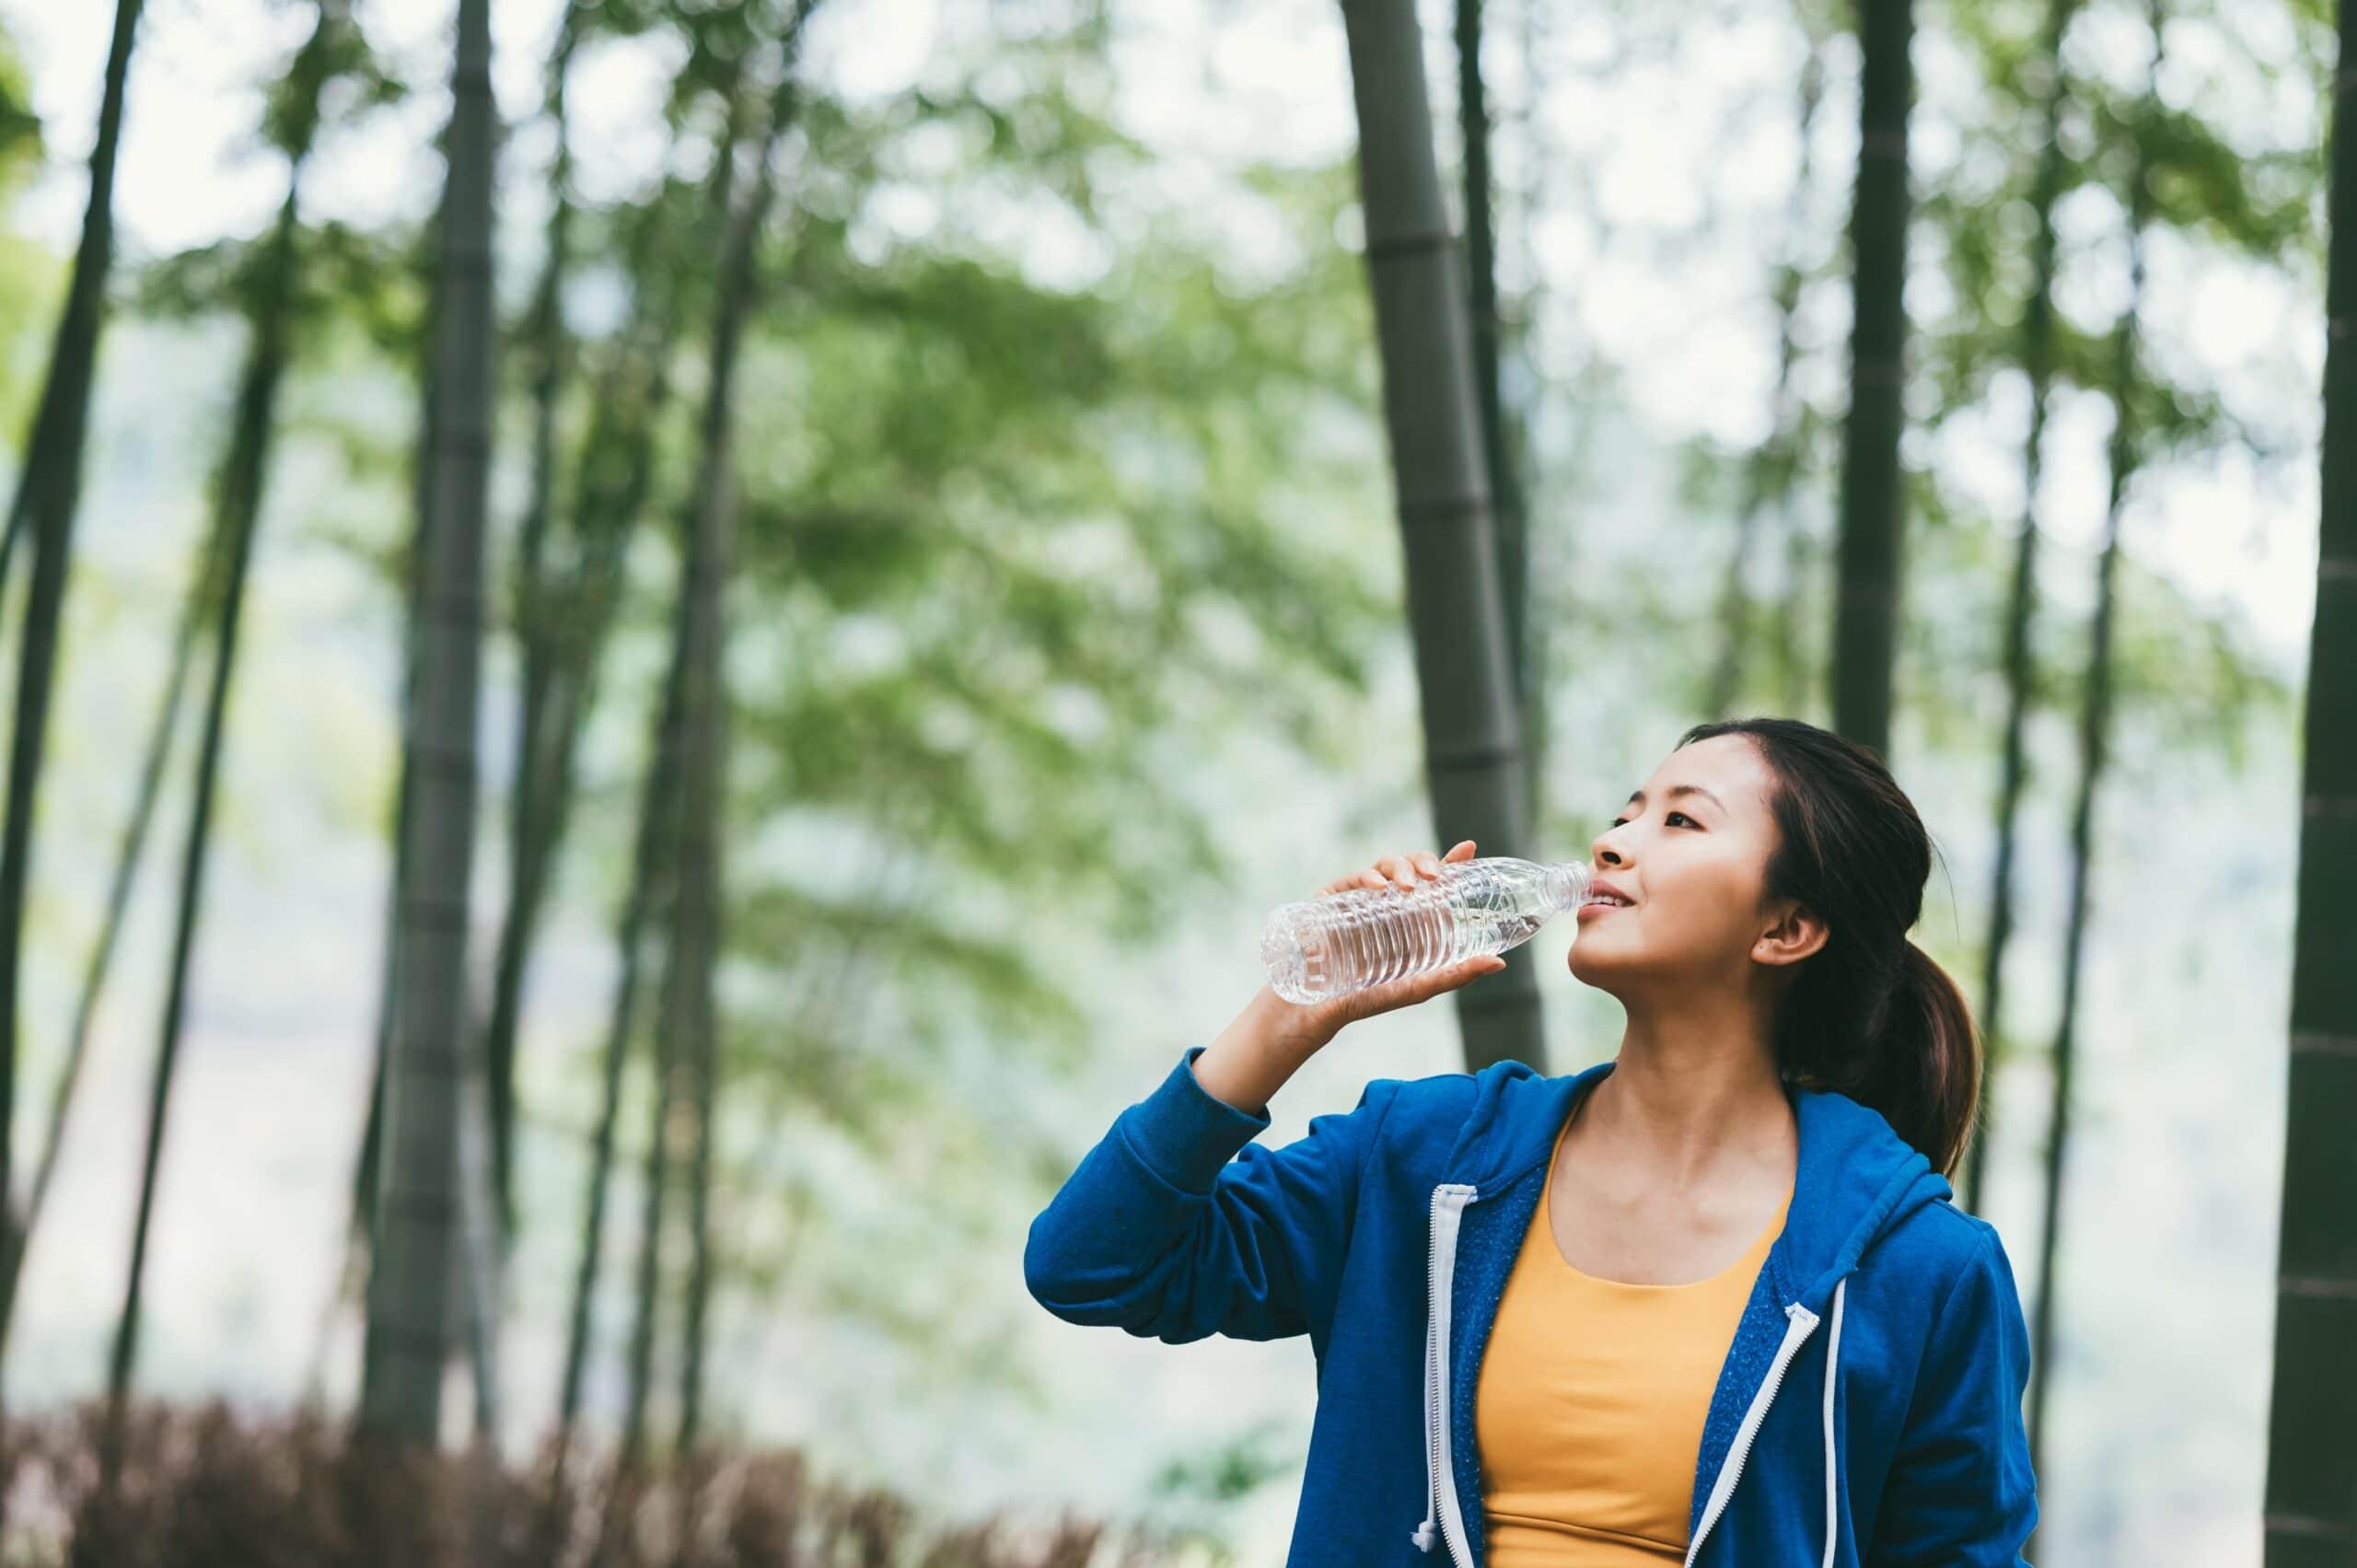 Πόσο νερό πρέπει να πίνω - πρόγραμμα με ιδανικές ώρες